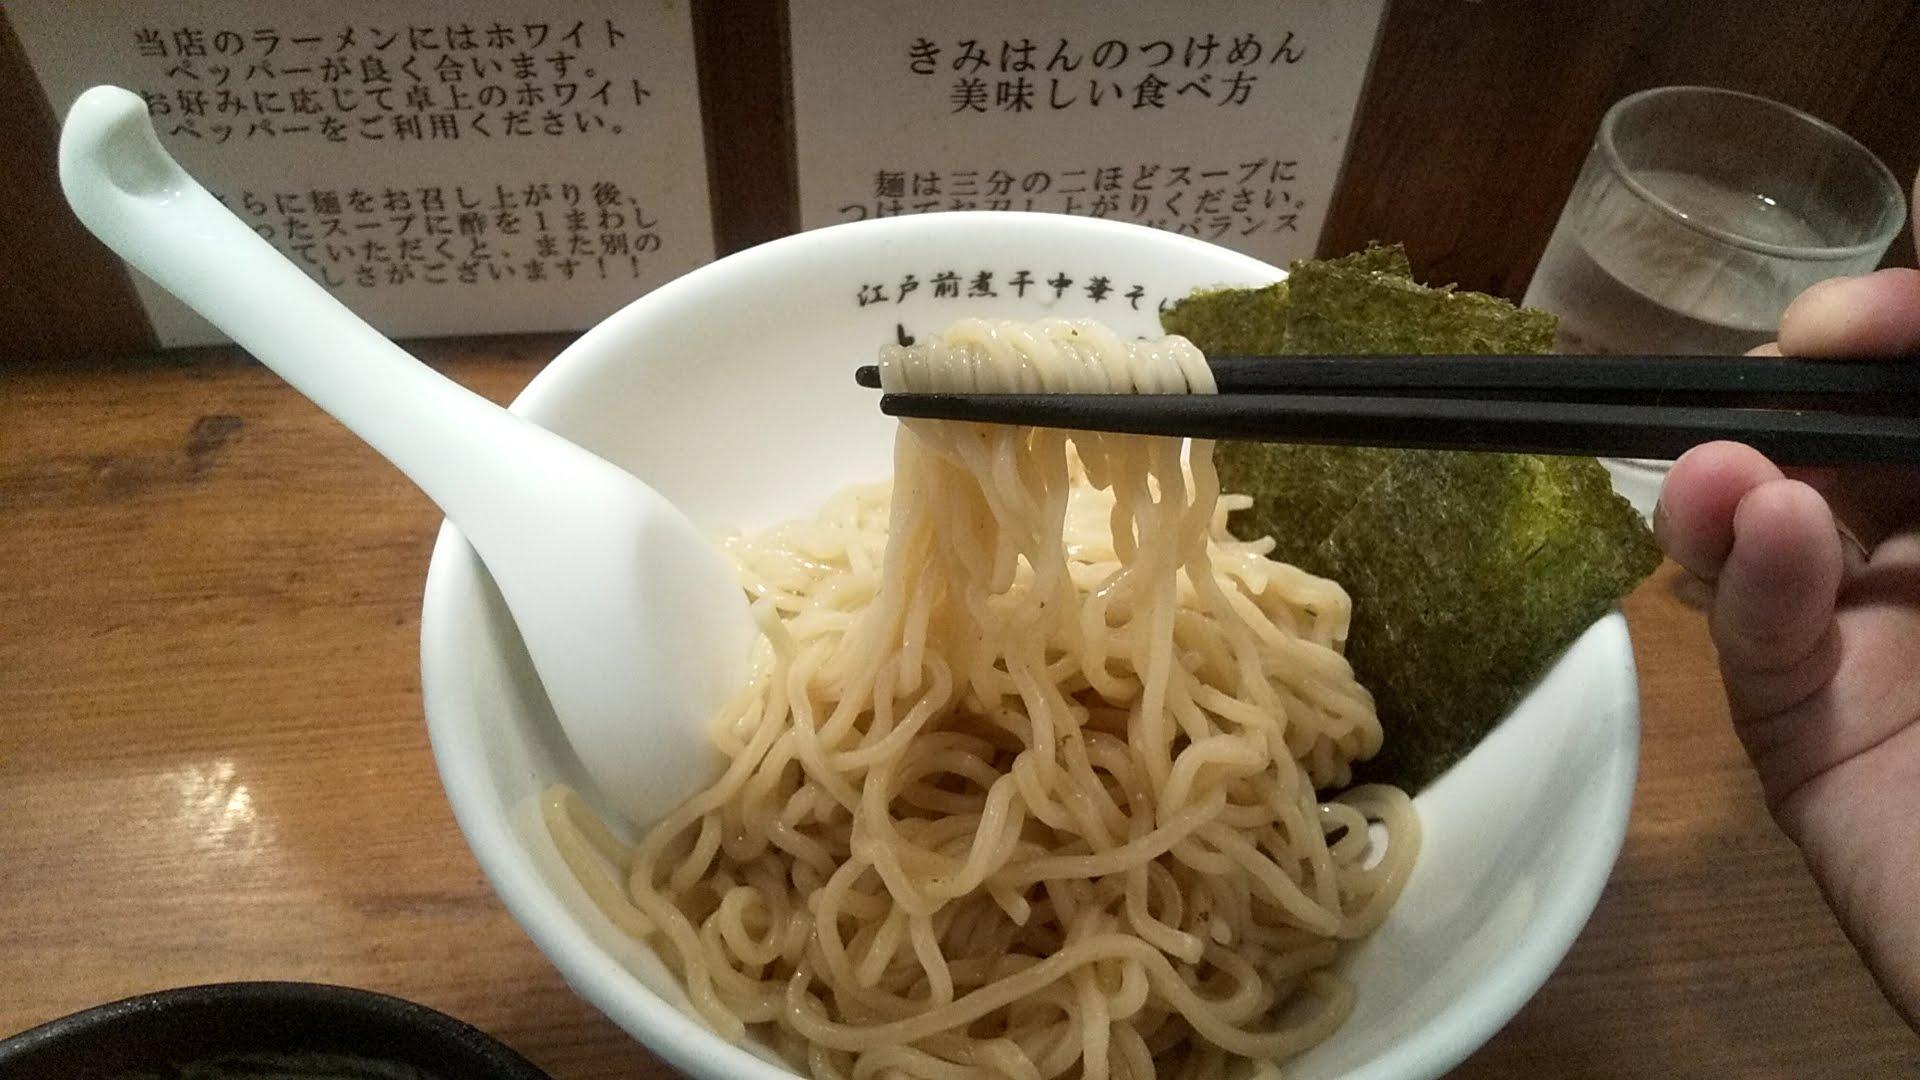 江戸前煮干し中華そばきみはん総本店の梅香る特製煮干しつけ麺の麺だけで食べる写真